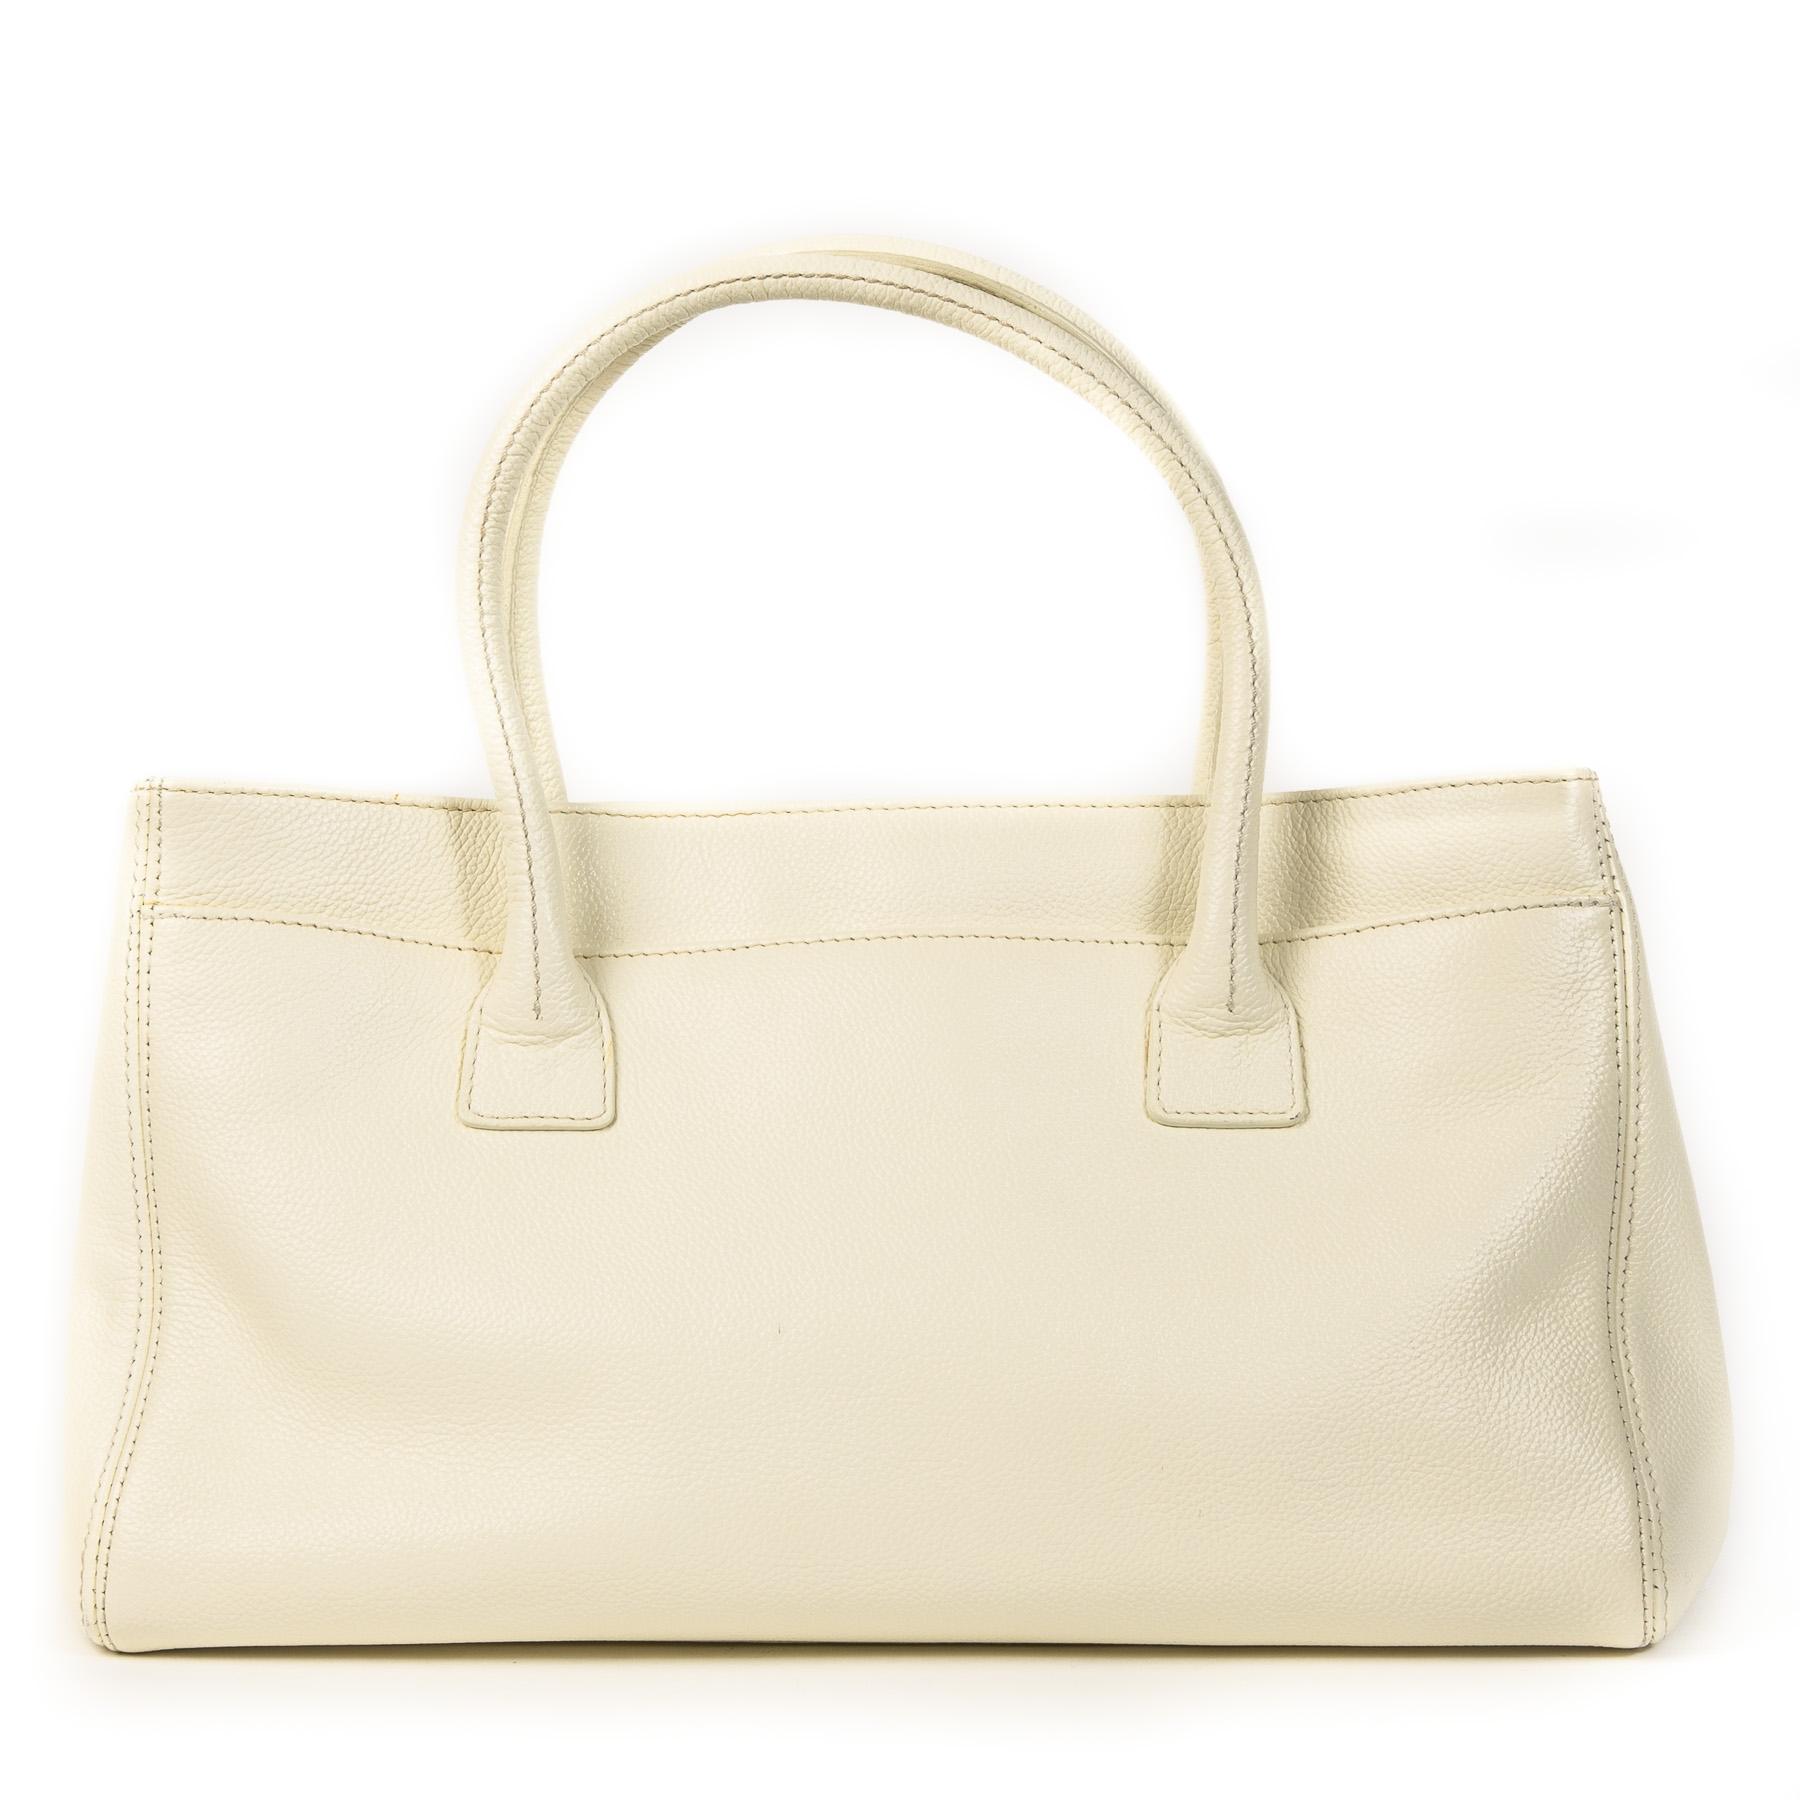 Authentieke Tweedehands Chanel Cream Leather Top Handle Bag juiste prijs veilig online shoppen luxe merken webshop winkelen Antwerpen België mode fashion